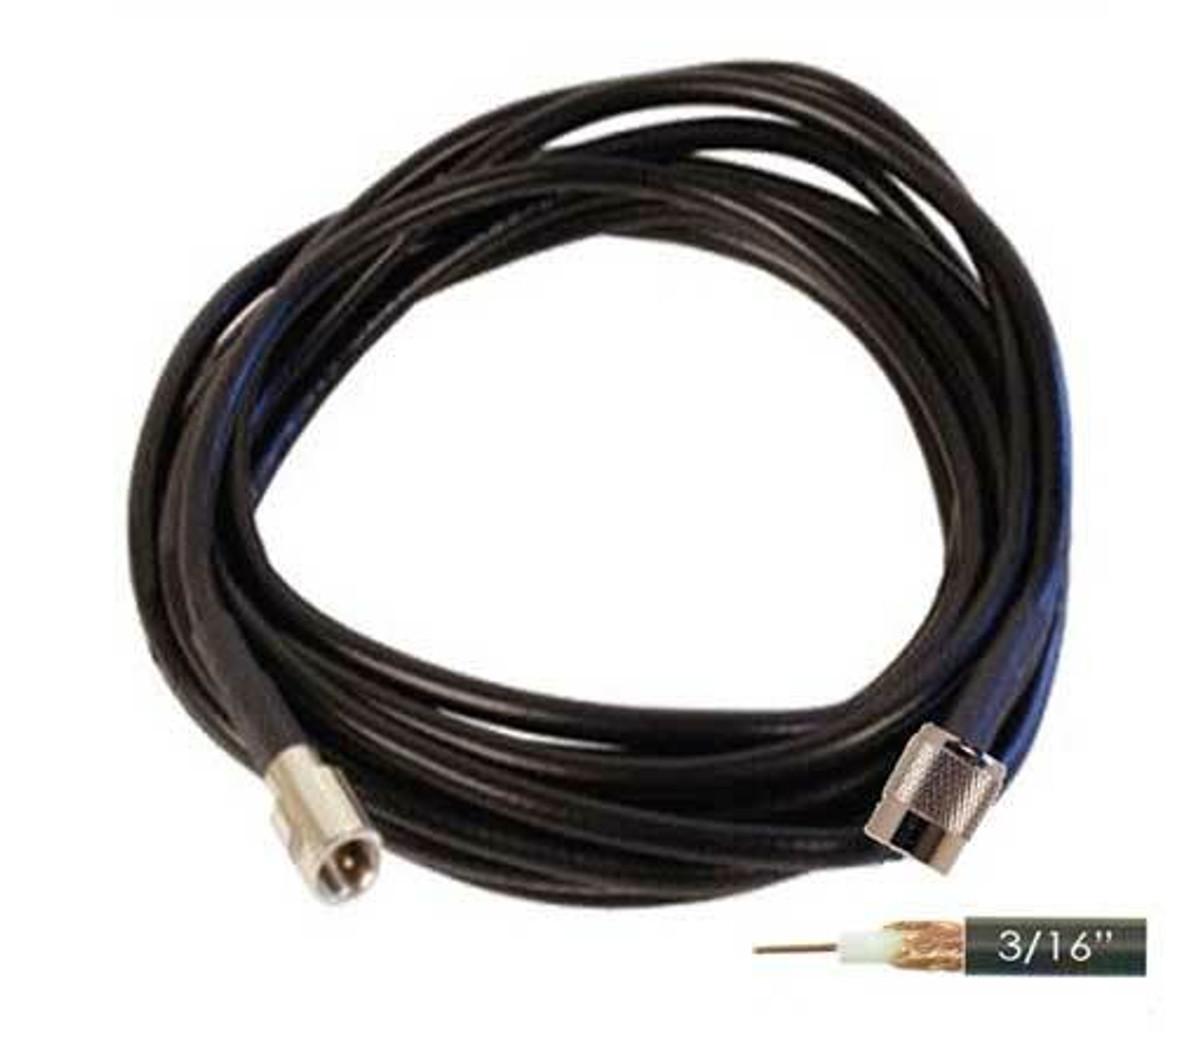 Wilson Electronics weBoost Wilson 950002 RG-58 FME-Male / TNC-Male or 20ft